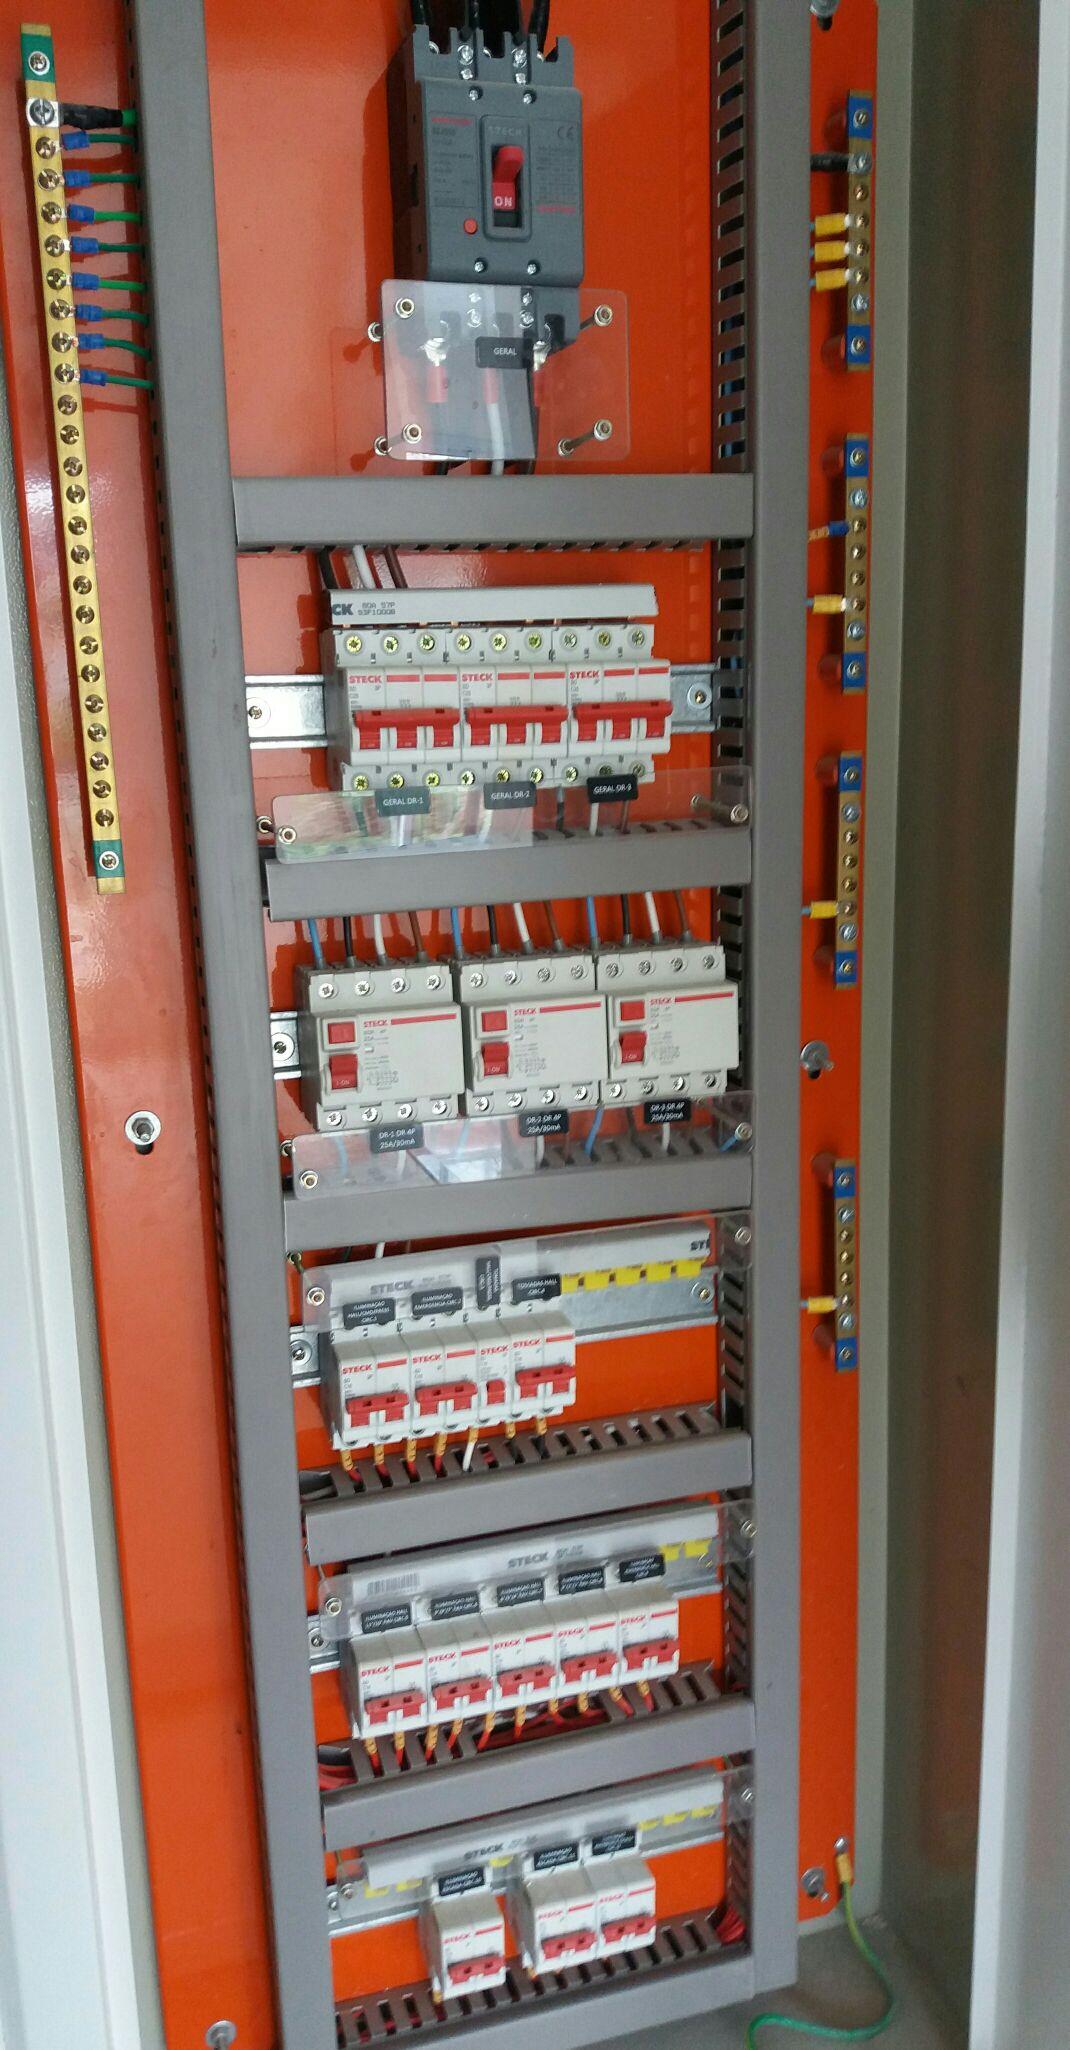 quadro de disjuntores administrativo 220 volts